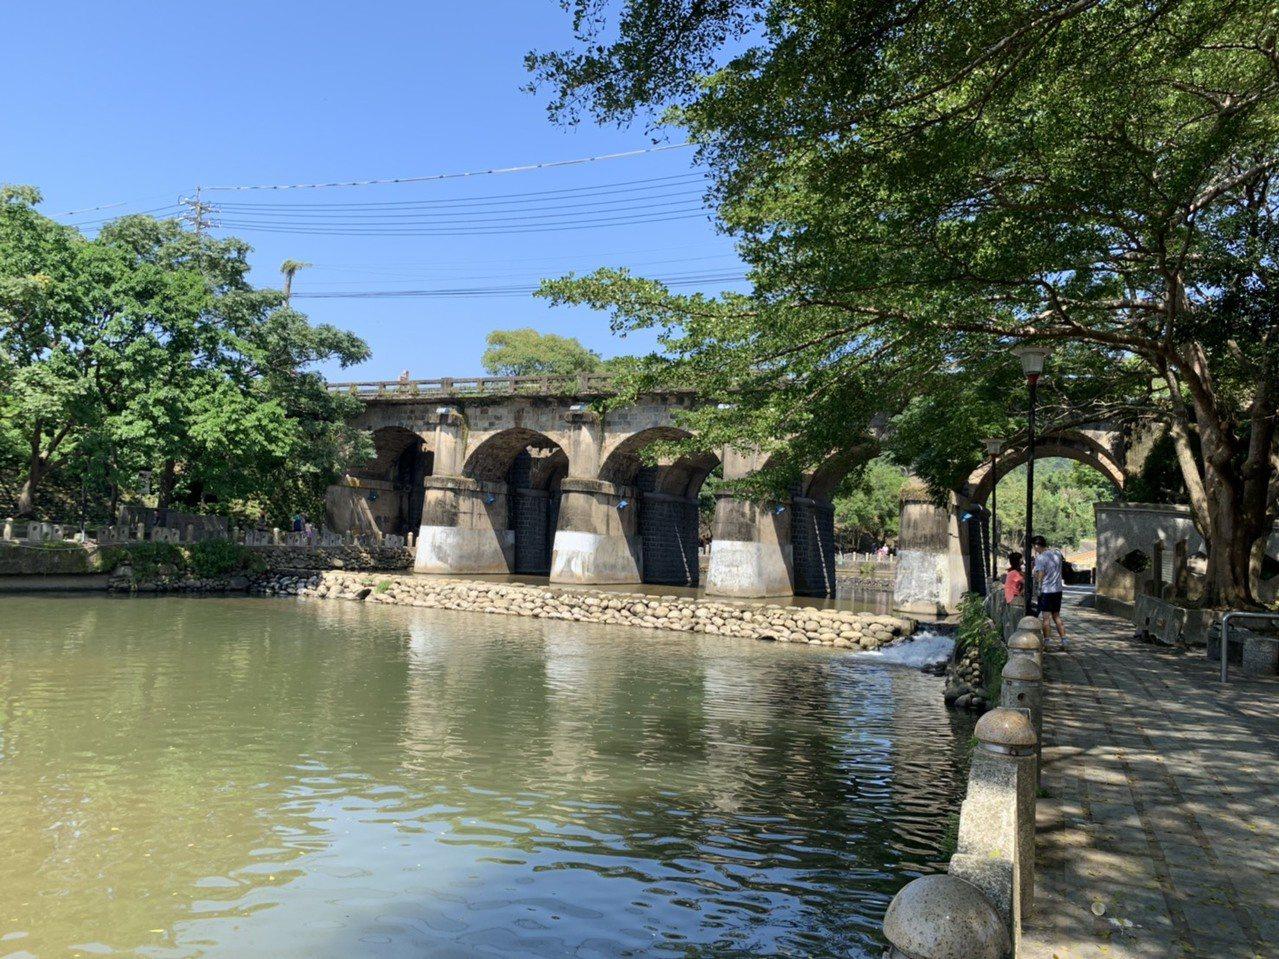 東安古橋市集未來每周六下午2點開始營運,邀請民眾逛市集順便到一旁的牛欄河走走,欣...